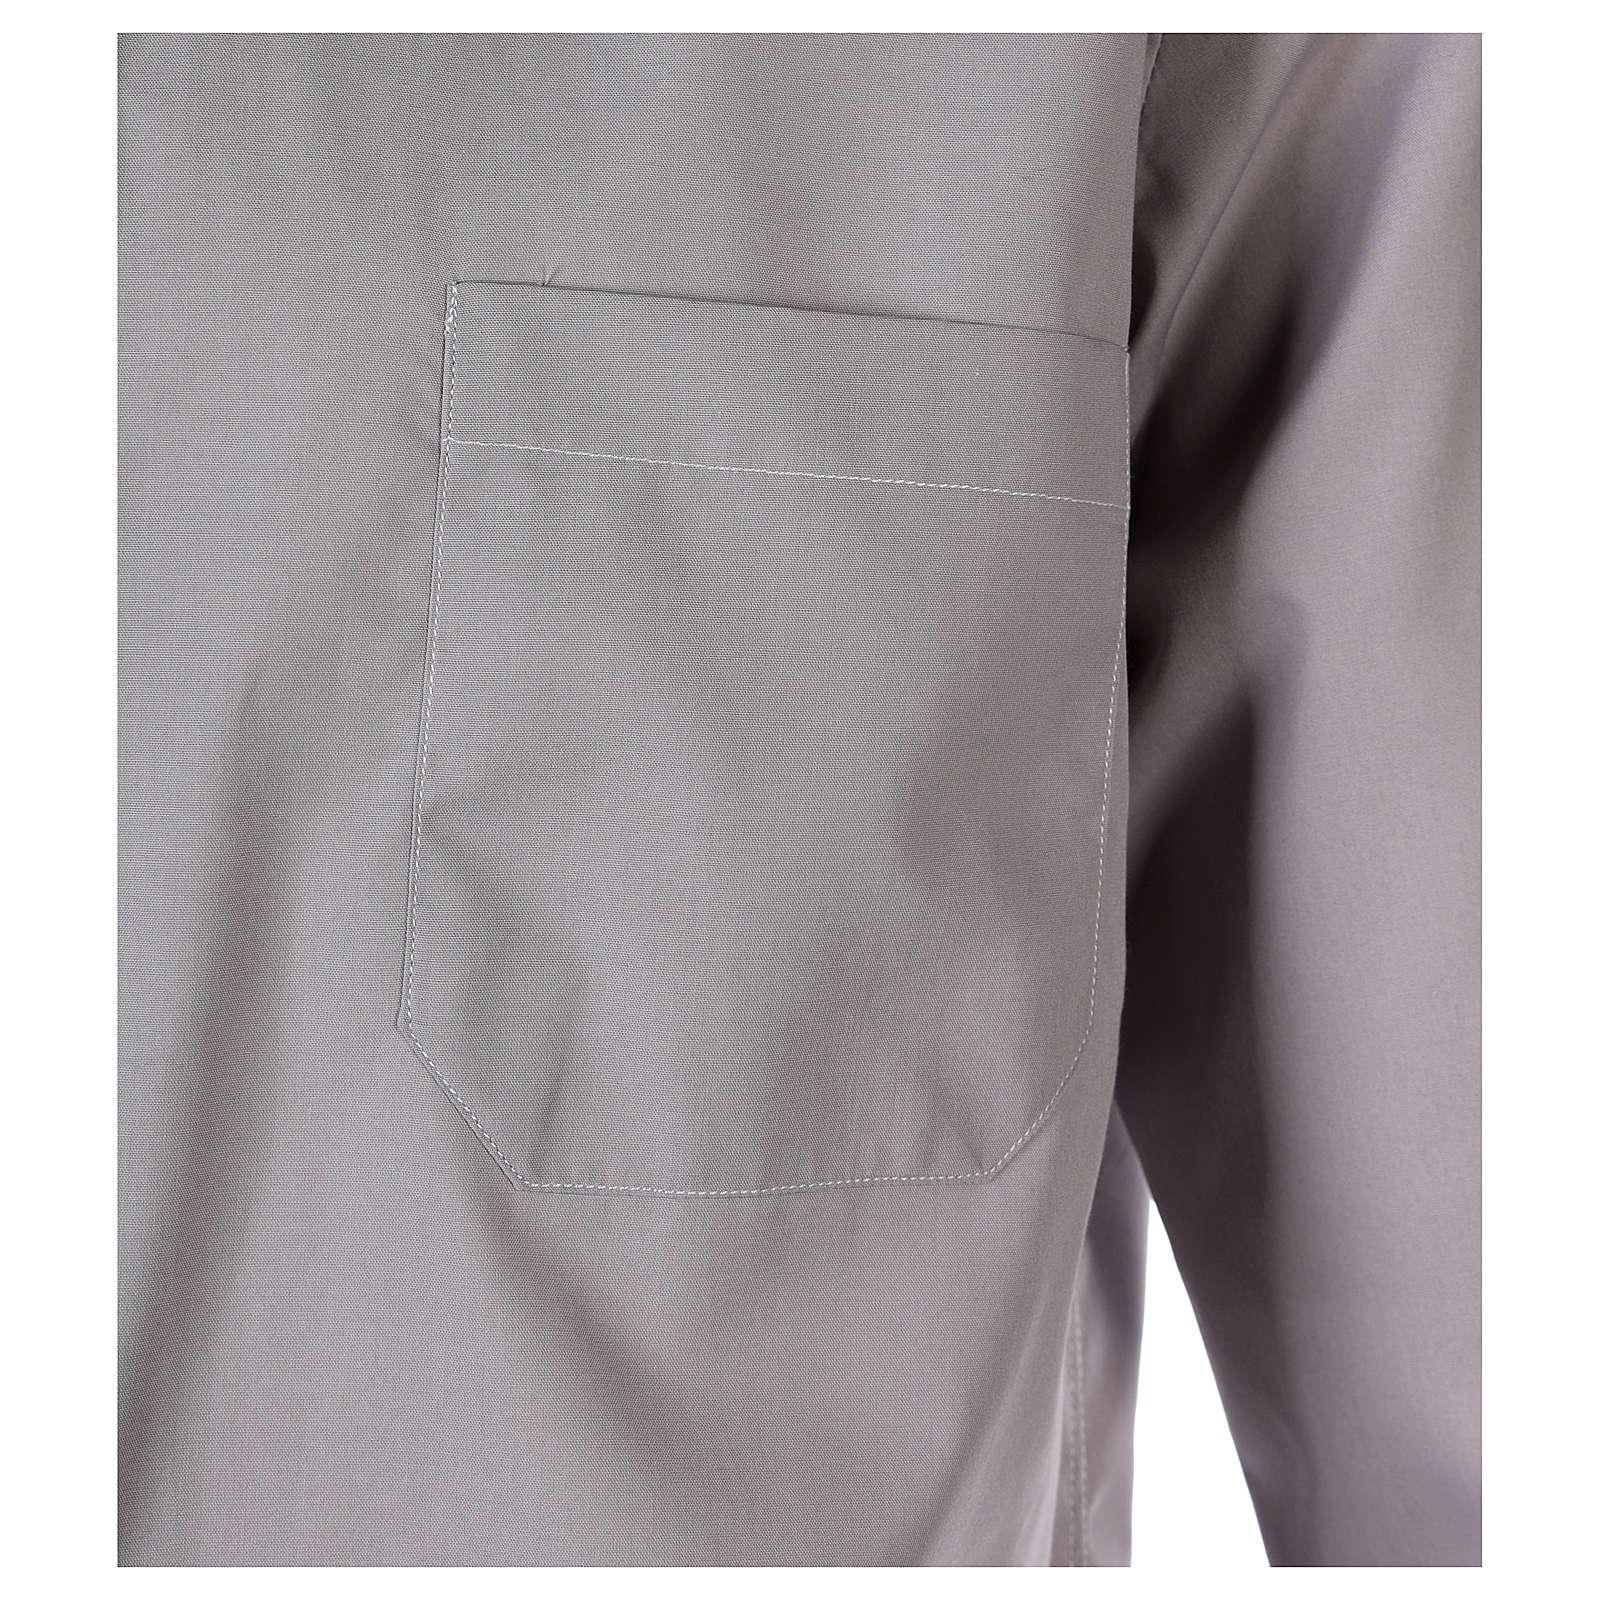 Collarhemd mit Langarm aus Baumwoll-Polyester-Mischgewebe in der Farbe Hellgrau 4